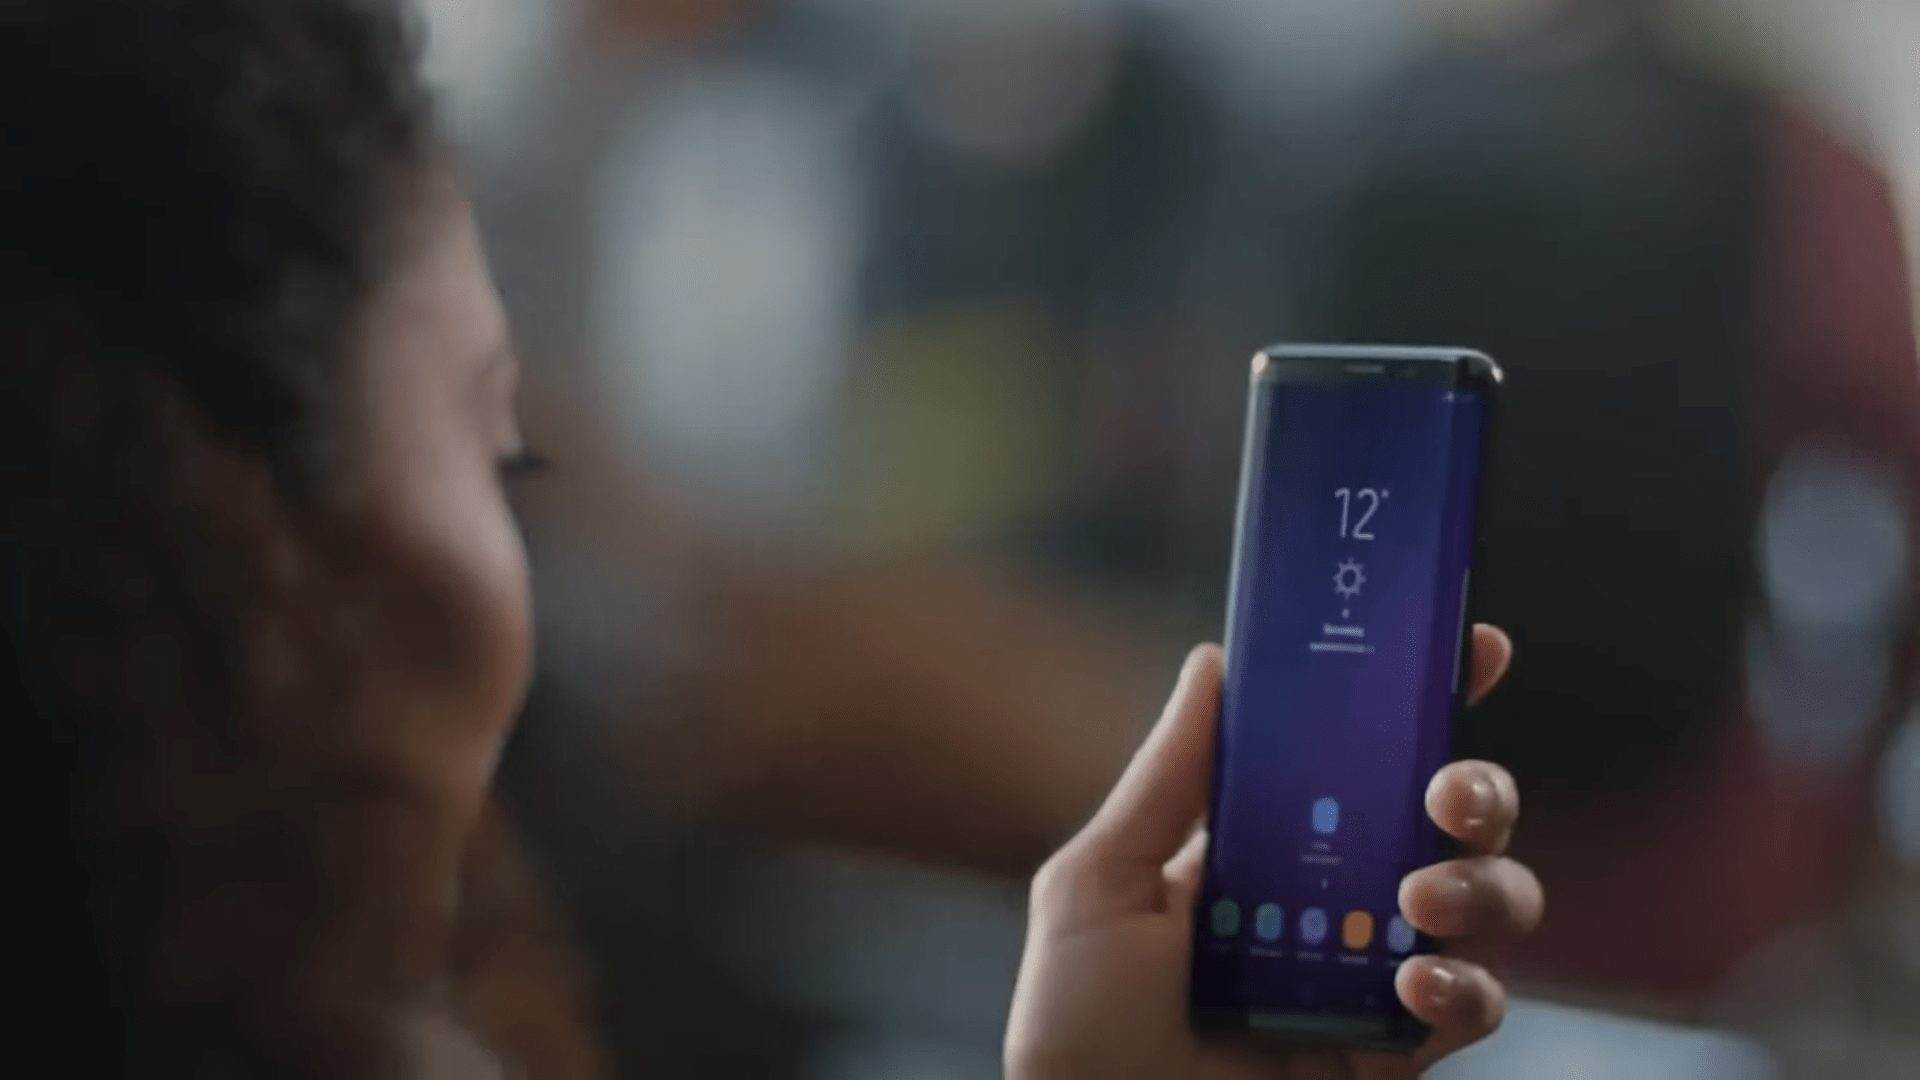 Samsung Galaxy S9 : une vidéo officielle dévoile presque tout avant l'heure